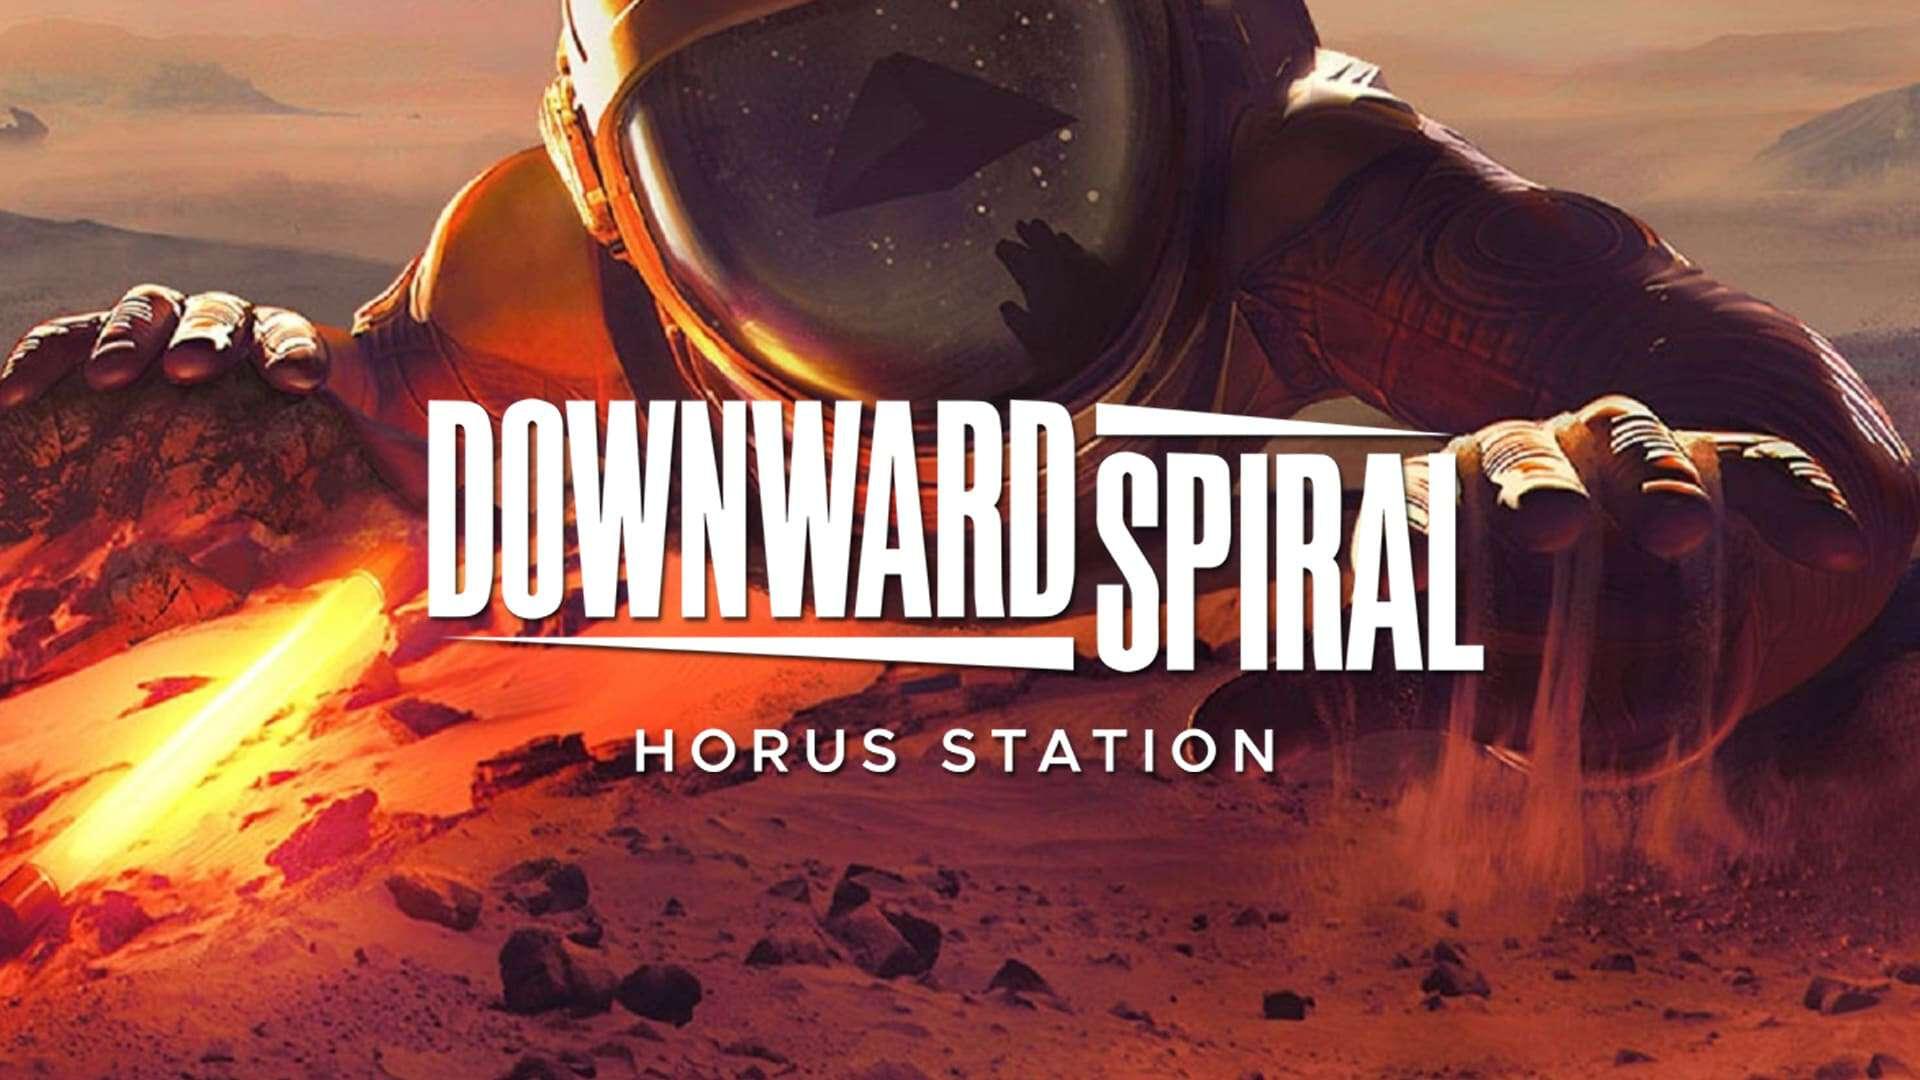 downward-spiral-horus-station